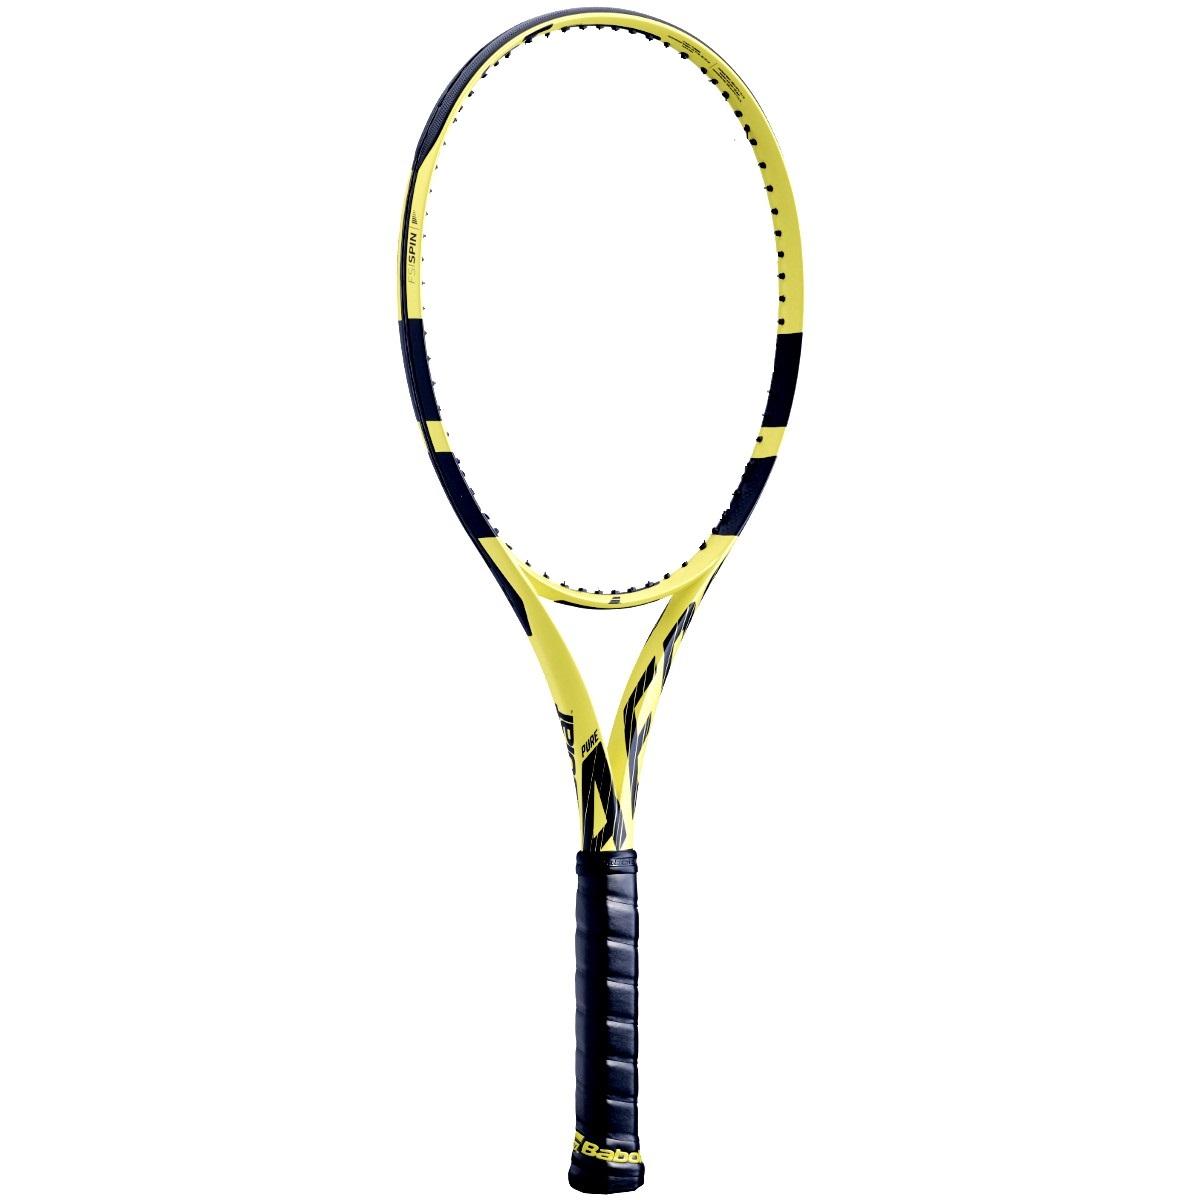 2019年Newモデル! バボラ ピュアアエロ チーム Babolat PURE AERO TEAM テニスラケット